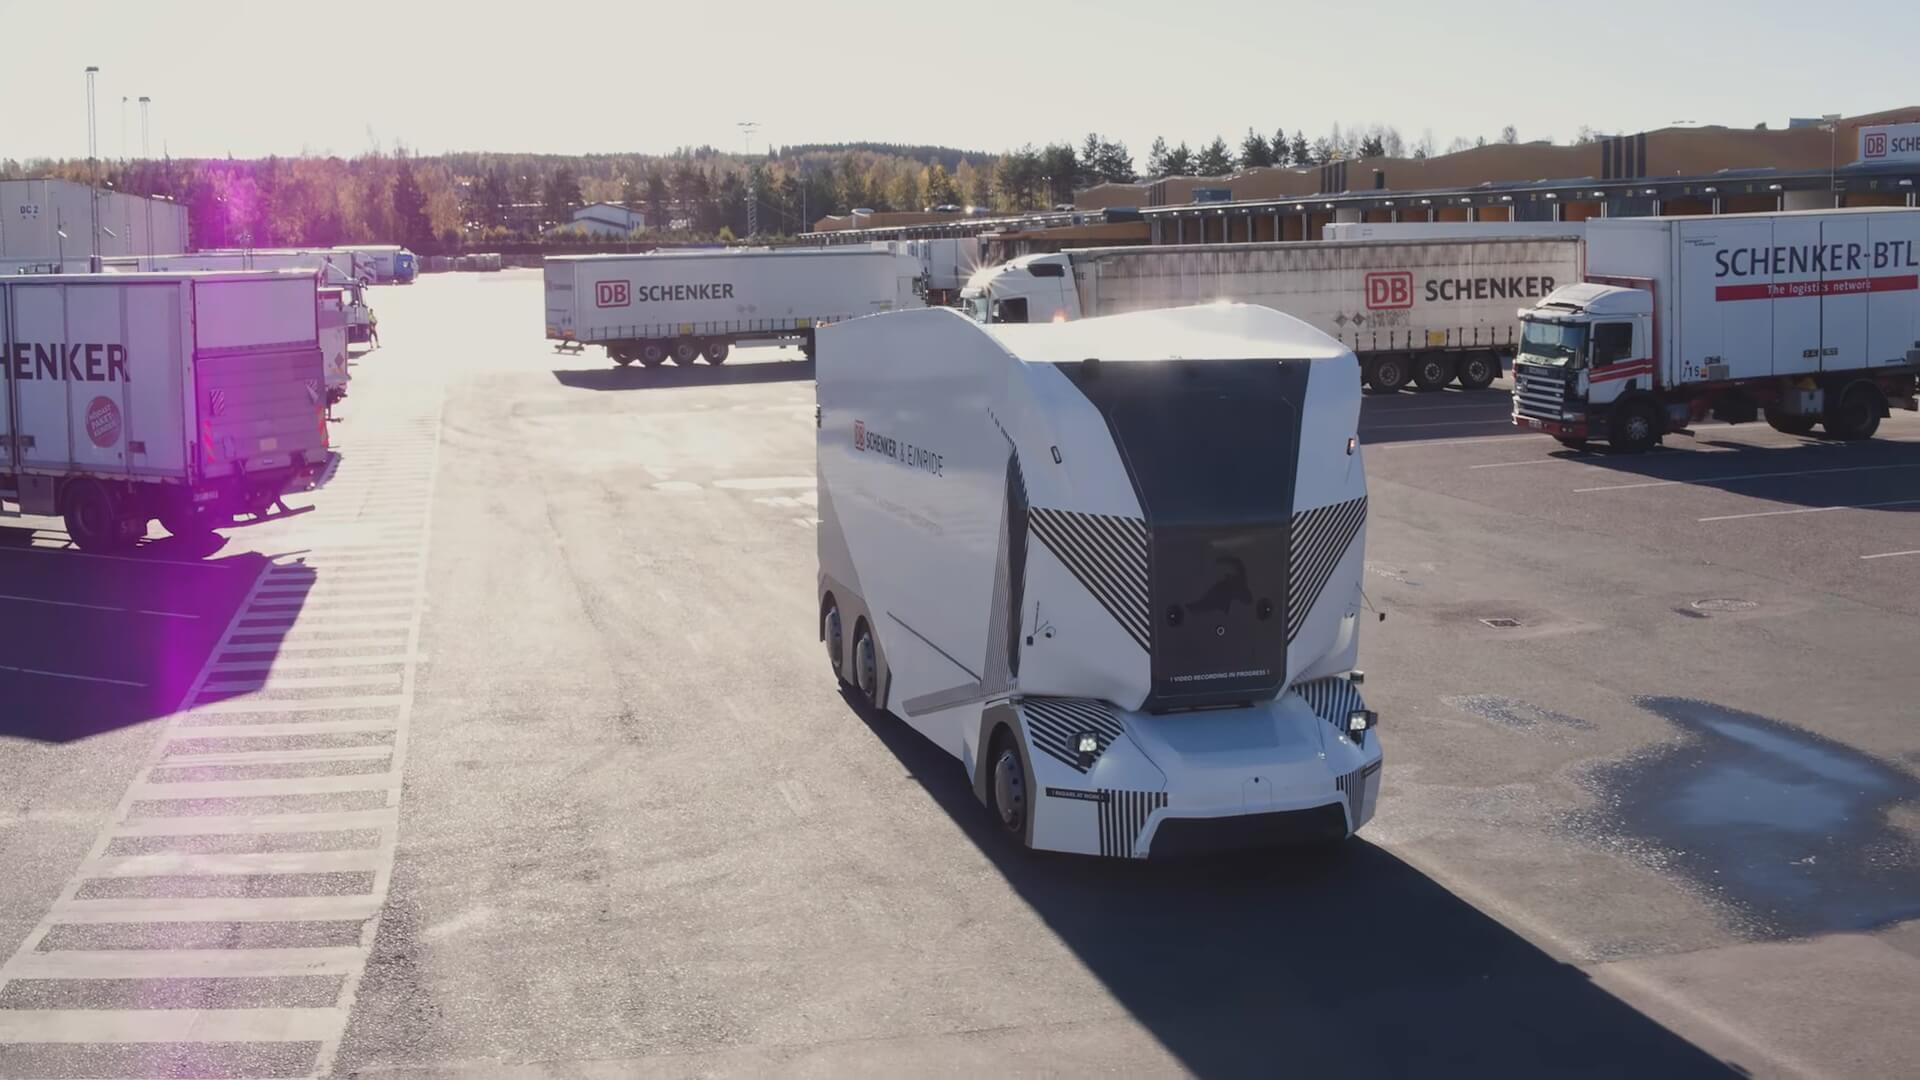 Первый электрический грузовик без водителя работает на дорогах Швеции